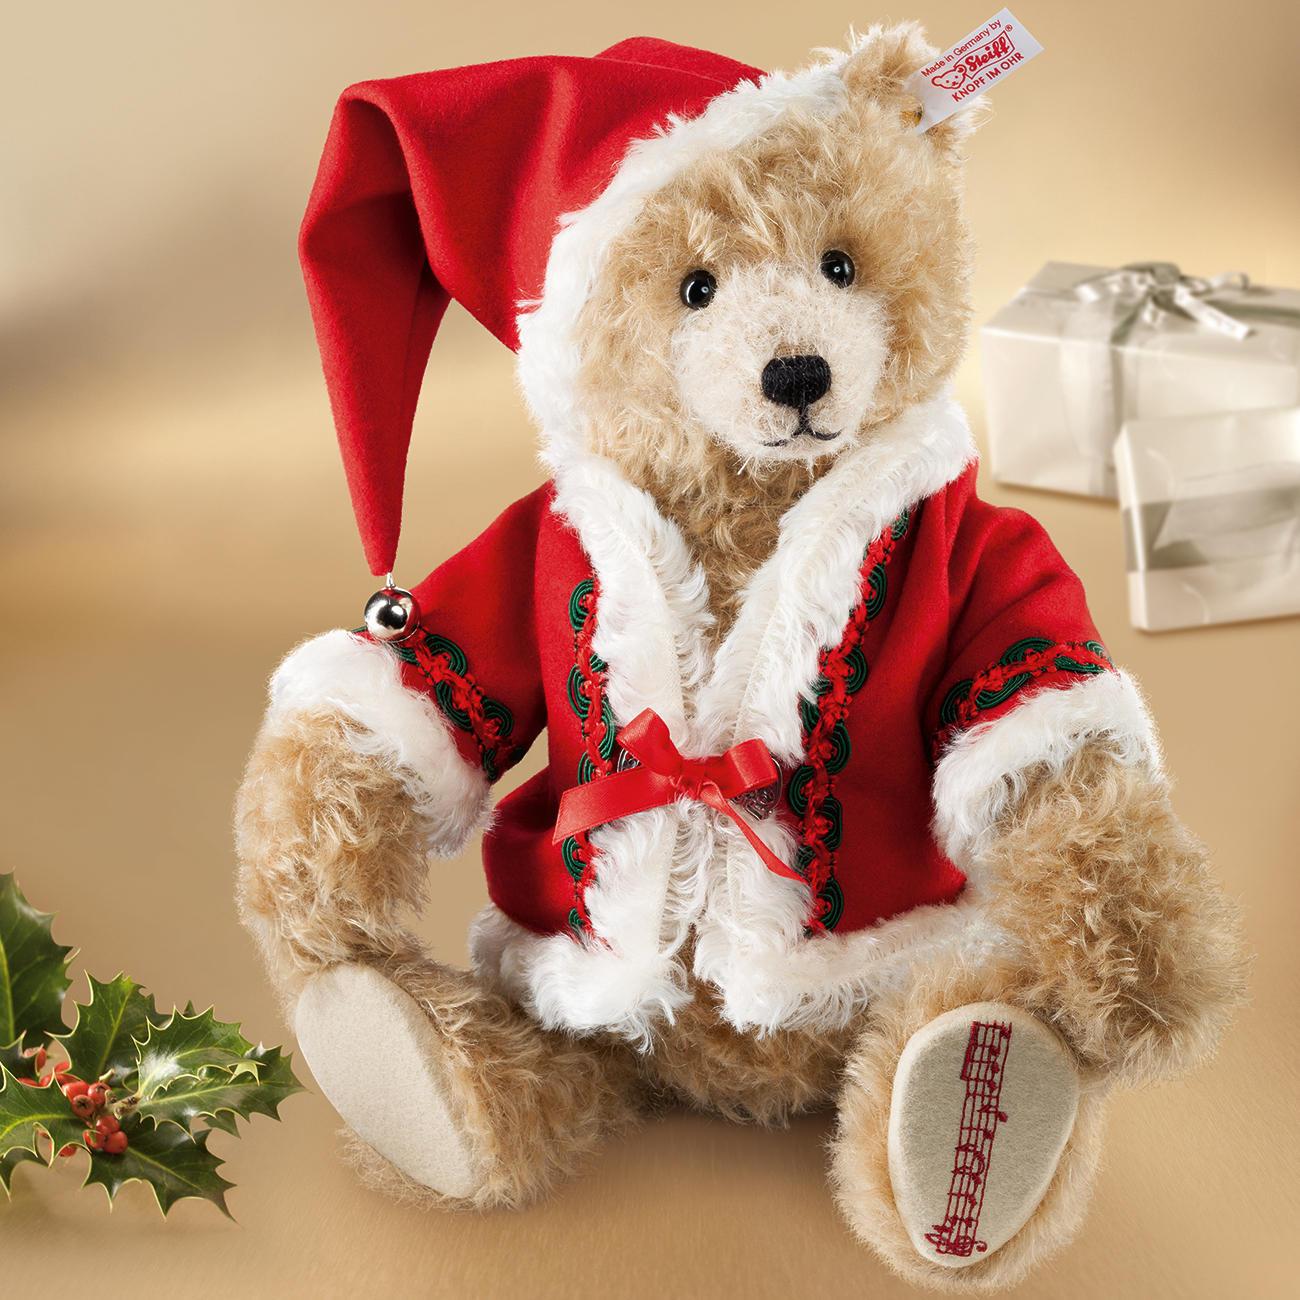 steiff weihnachts teddyb r 2014 mit 3 jahren garantie. Black Bedroom Furniture Sets. Home Design Ideas